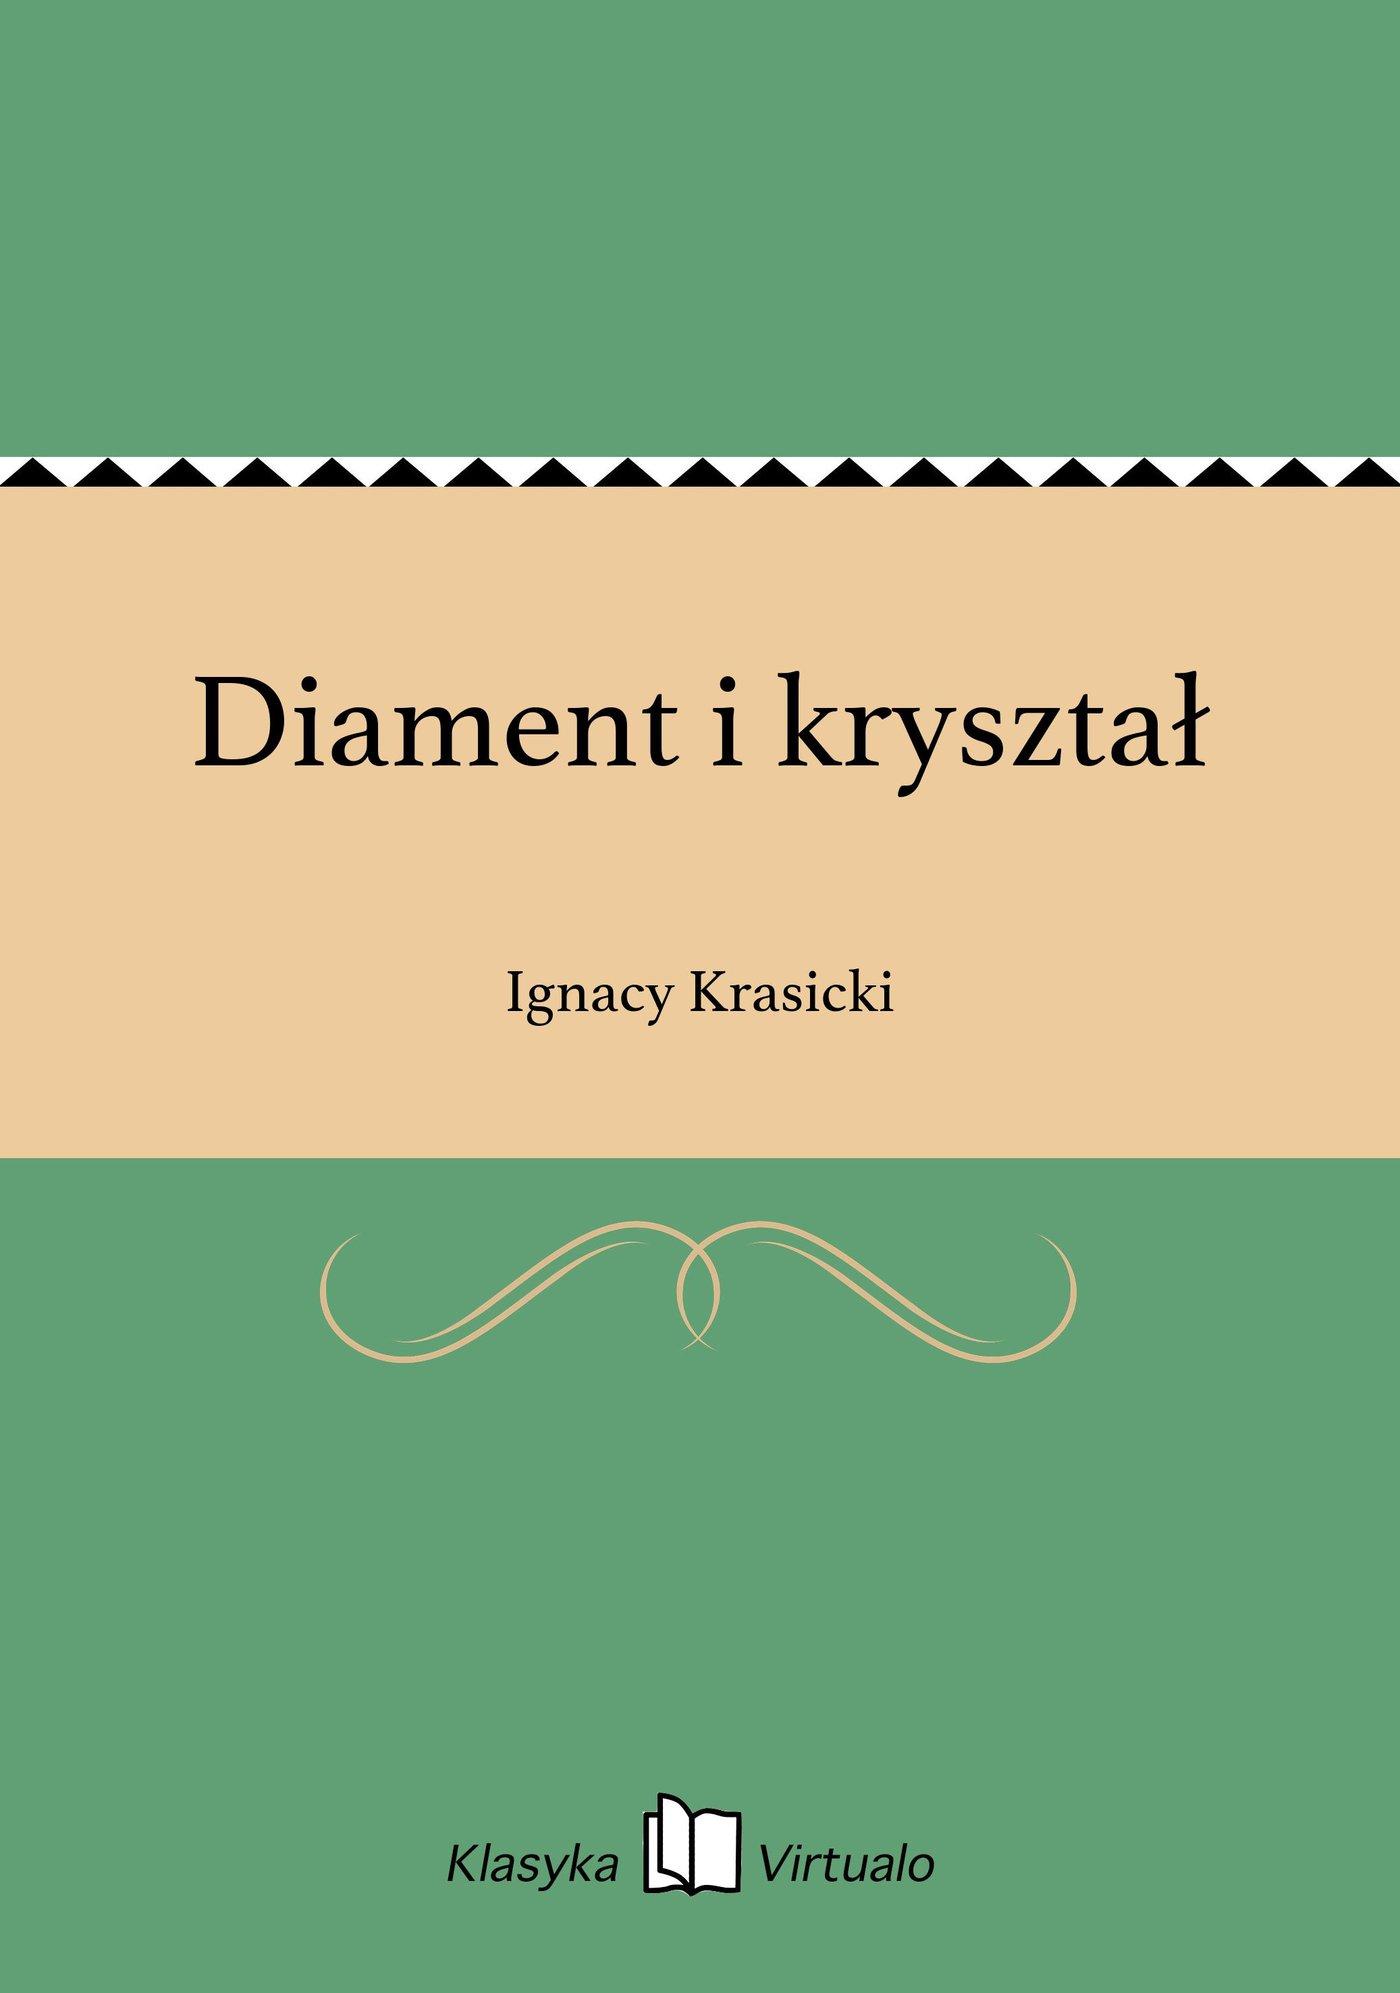 Diament i kryształ - Ebook (Książka EPUB) do pobrania w formacie EPUB